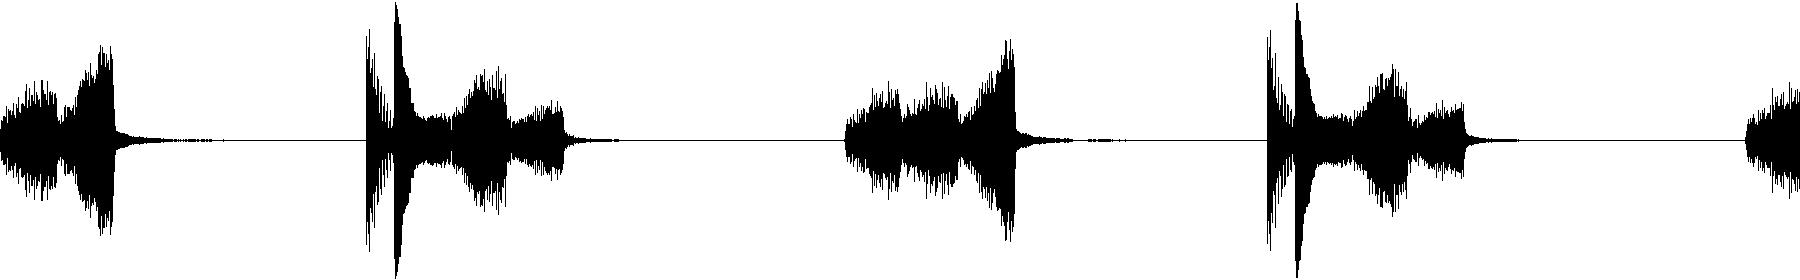 vedh melodyloop 029 gm9 124bpm